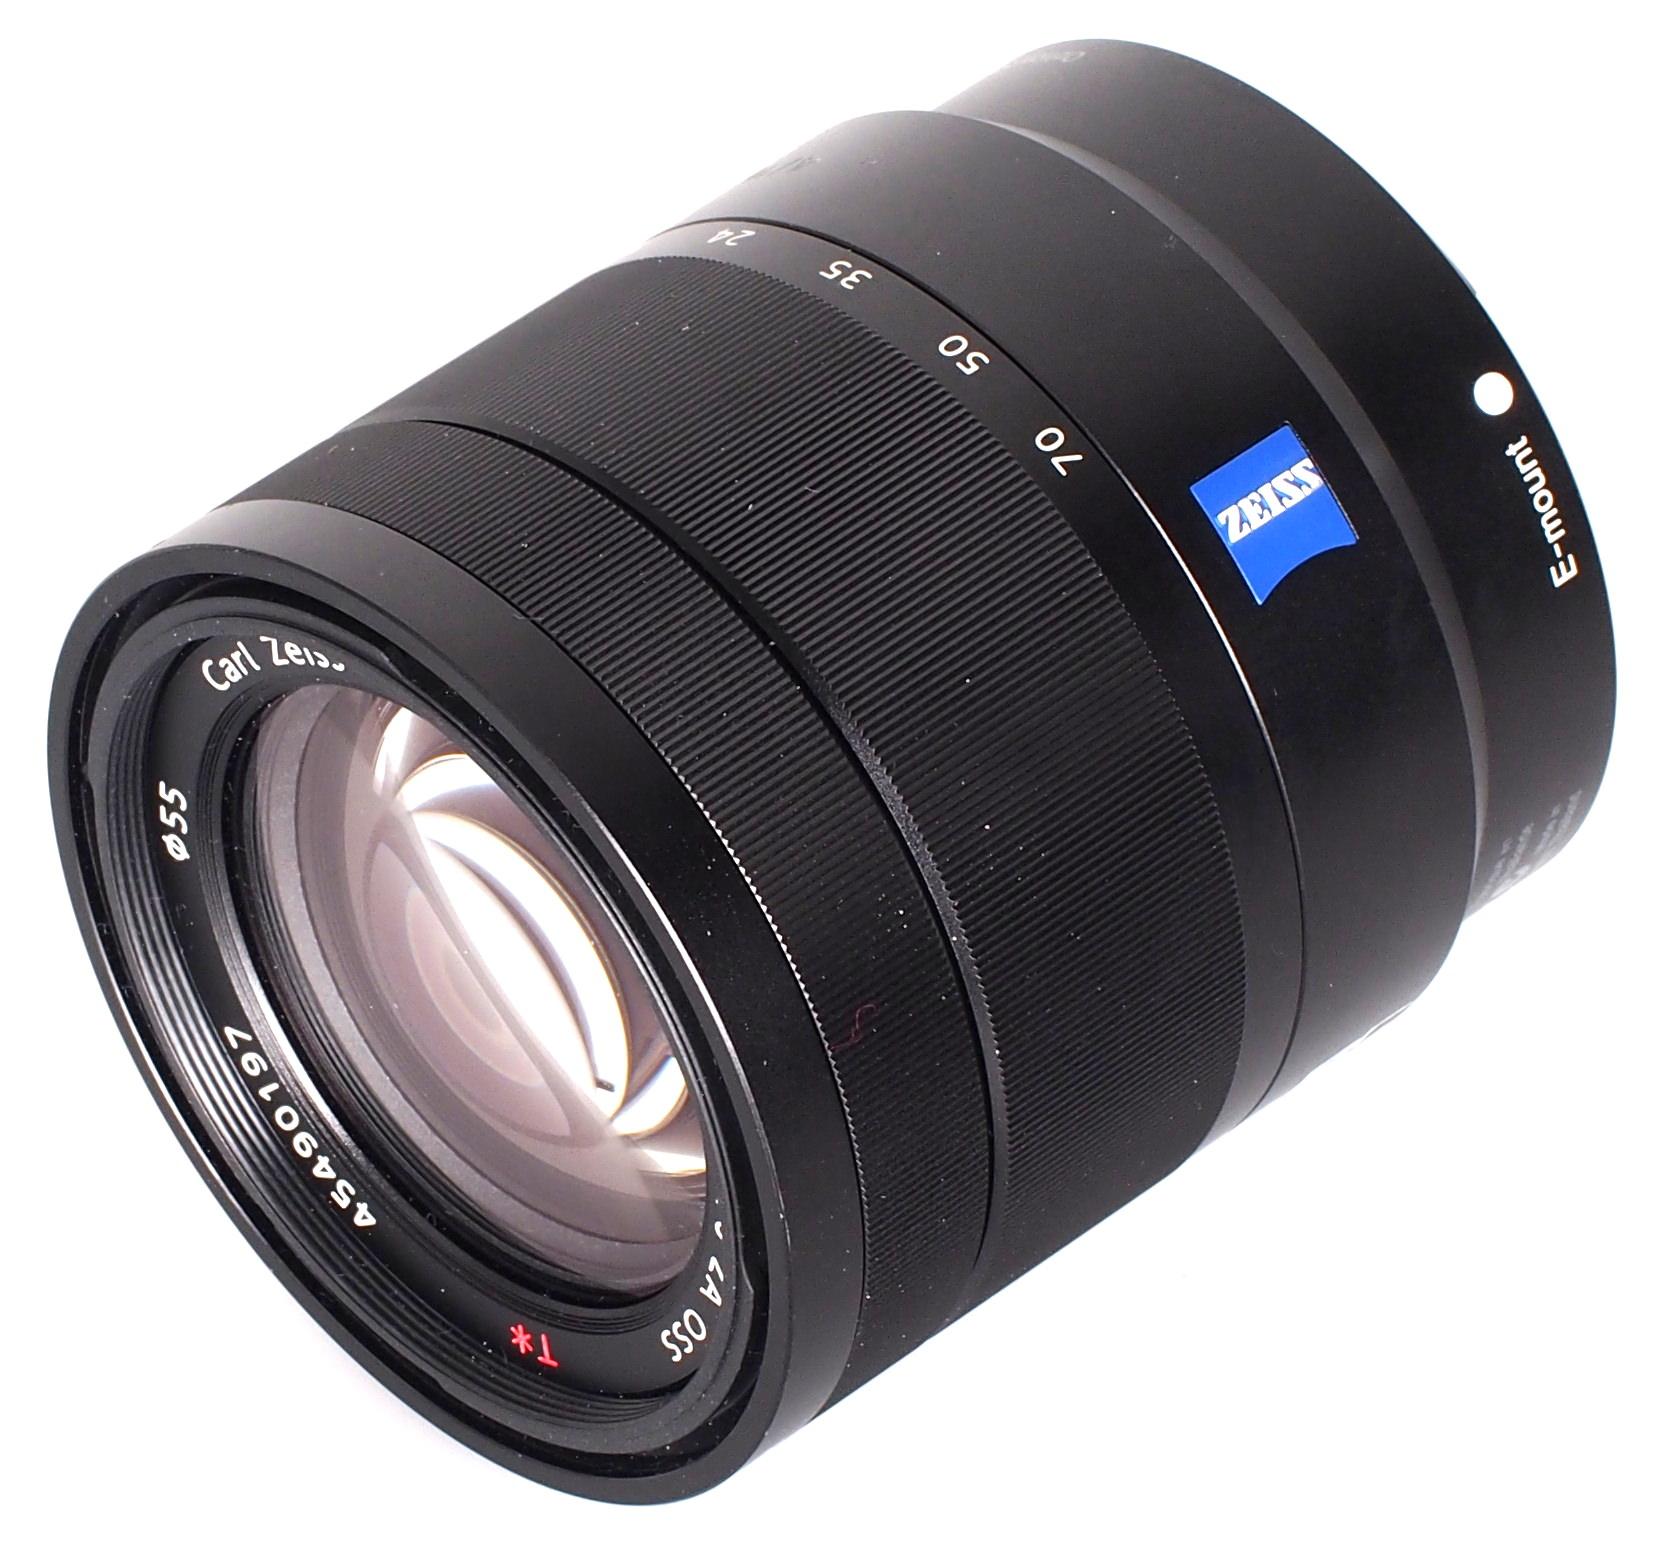 sony 16 70. sony carl zeiss vario tessar e 16 70mm f4 za oss lens (5) 70 i